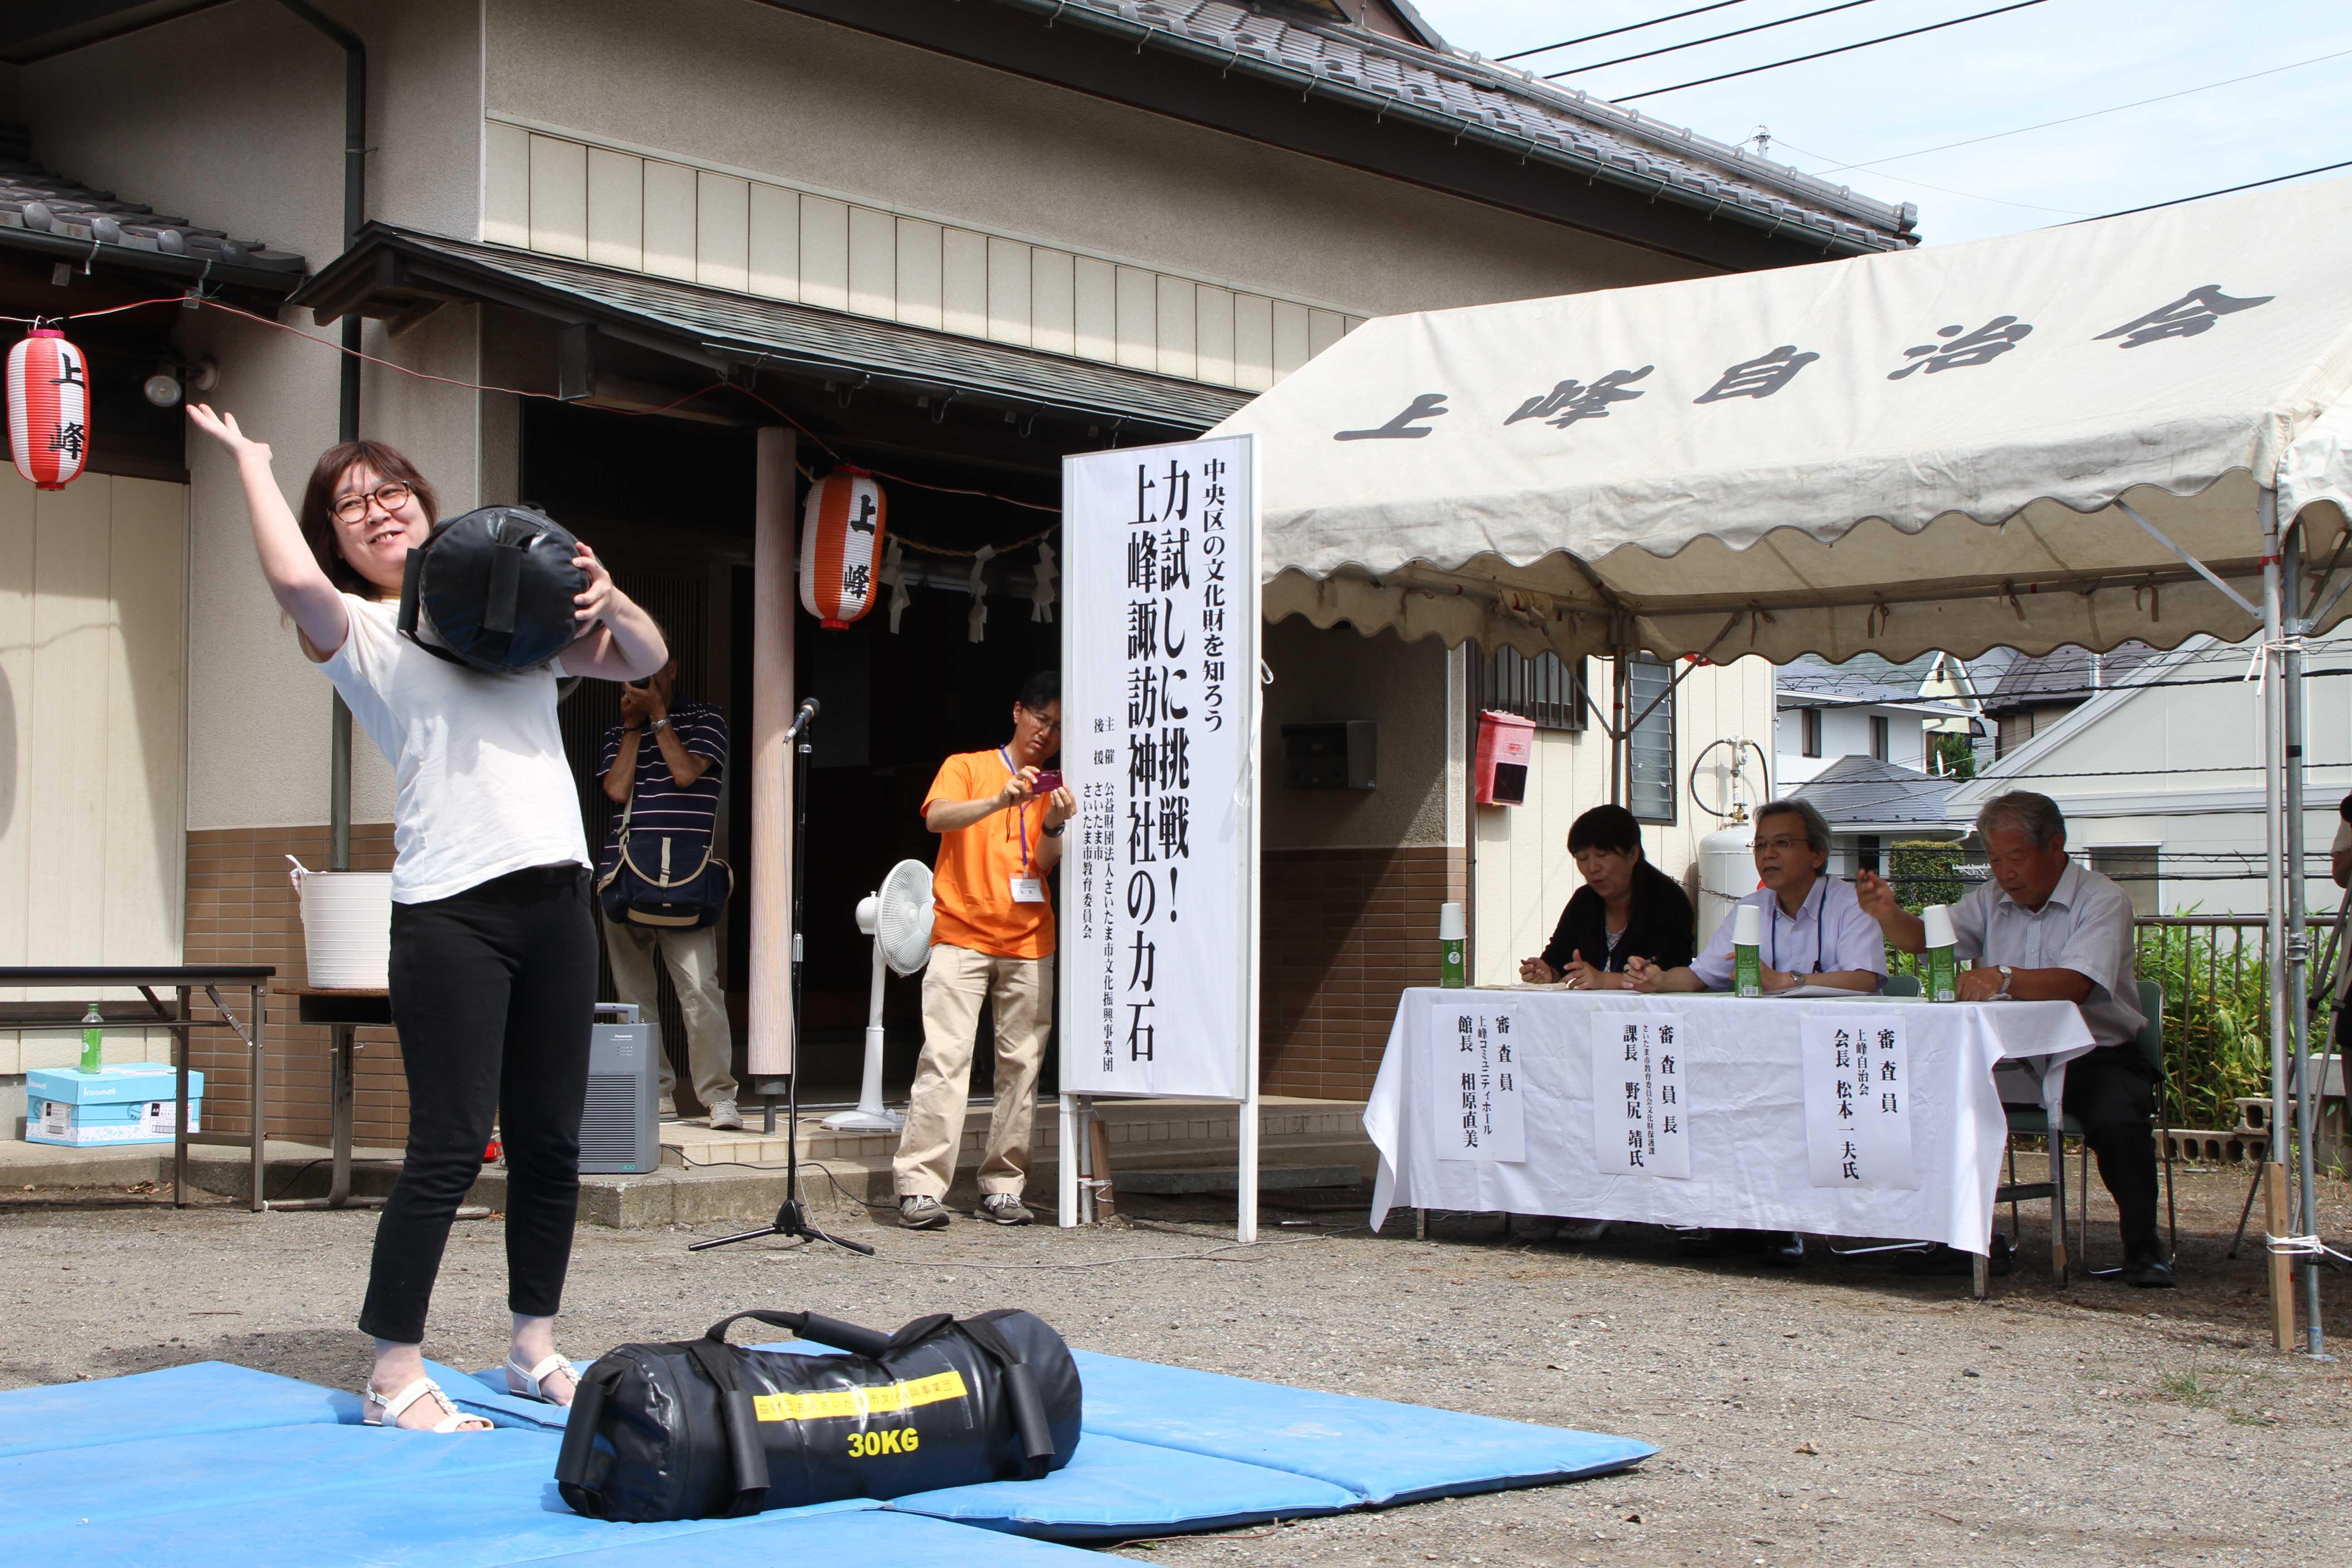 農新記事・JAさいたま・20170702・上峰諏訪神社で力自慢大会_ヨコ2